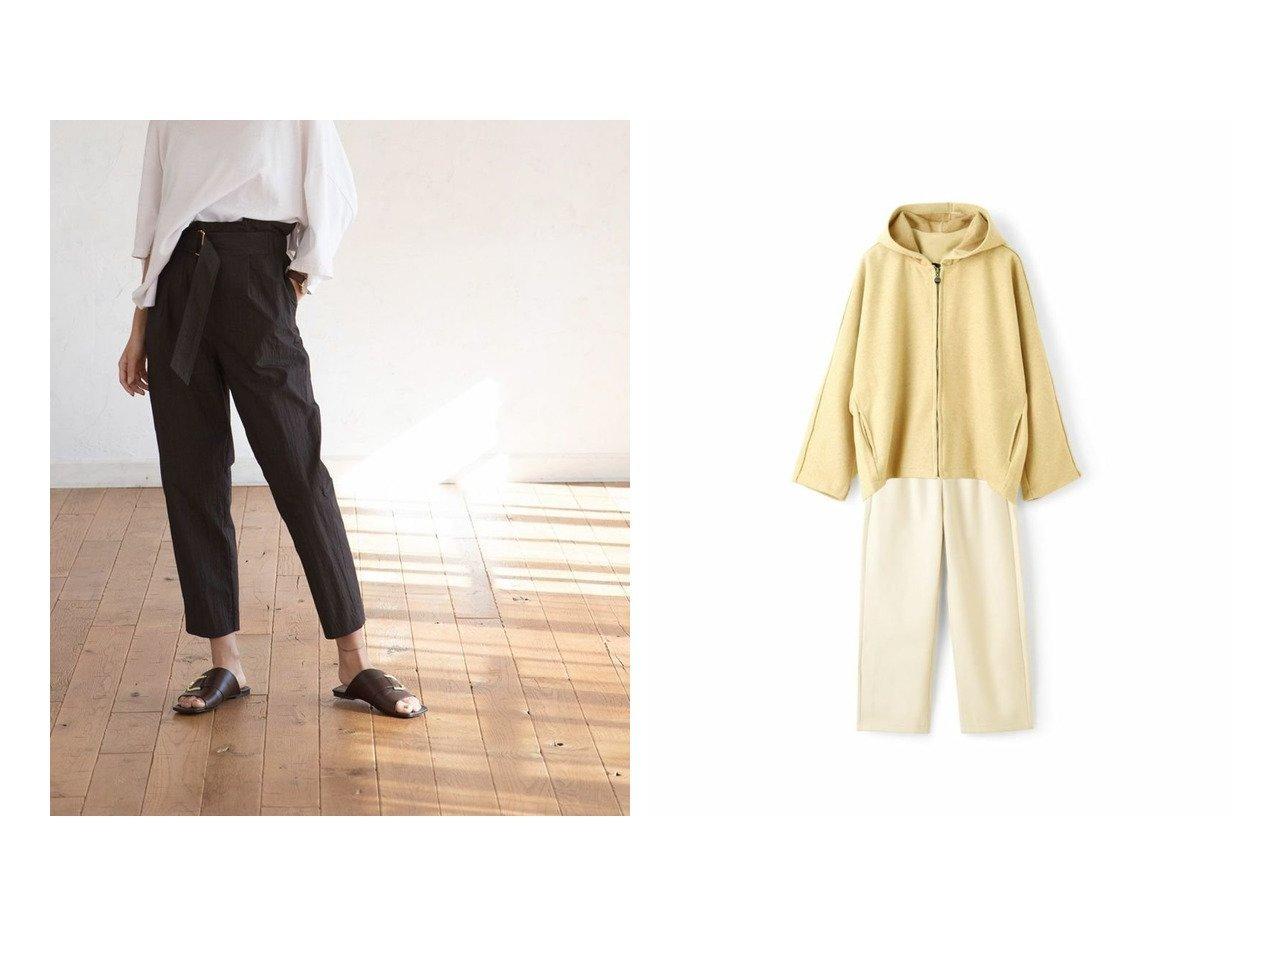 【marjour/マージュール】のフードドルマンジャケット&パンツセット HOODED DOLMAN JACKET & TUCK PANTS SET&ウォッシャーベルトパンツ WASHER BELT PANTS マージュールのおすすめ!人気、トレンド・レディースファッションの通販 おすすめで人気の流行・トレンド、ファッションの通販商品 メンズファッション・キッズファッション・インテリア・家具・レディースファッション・服の通販 founy(ファニー) https://founy.com/ ファッション Fashion レディースファッション WOMEN パンツ Pants ベルト Belts アウター Coat Outerwear ジャケット Jackets セットアップ Setup パンツ Pants ダウン ワッシャー カットソー ショルダー ジャケット スウェット ドロップ バランス マニッシュ ルーズ ロング おすすめ Recommend |ID:crp329100000021541